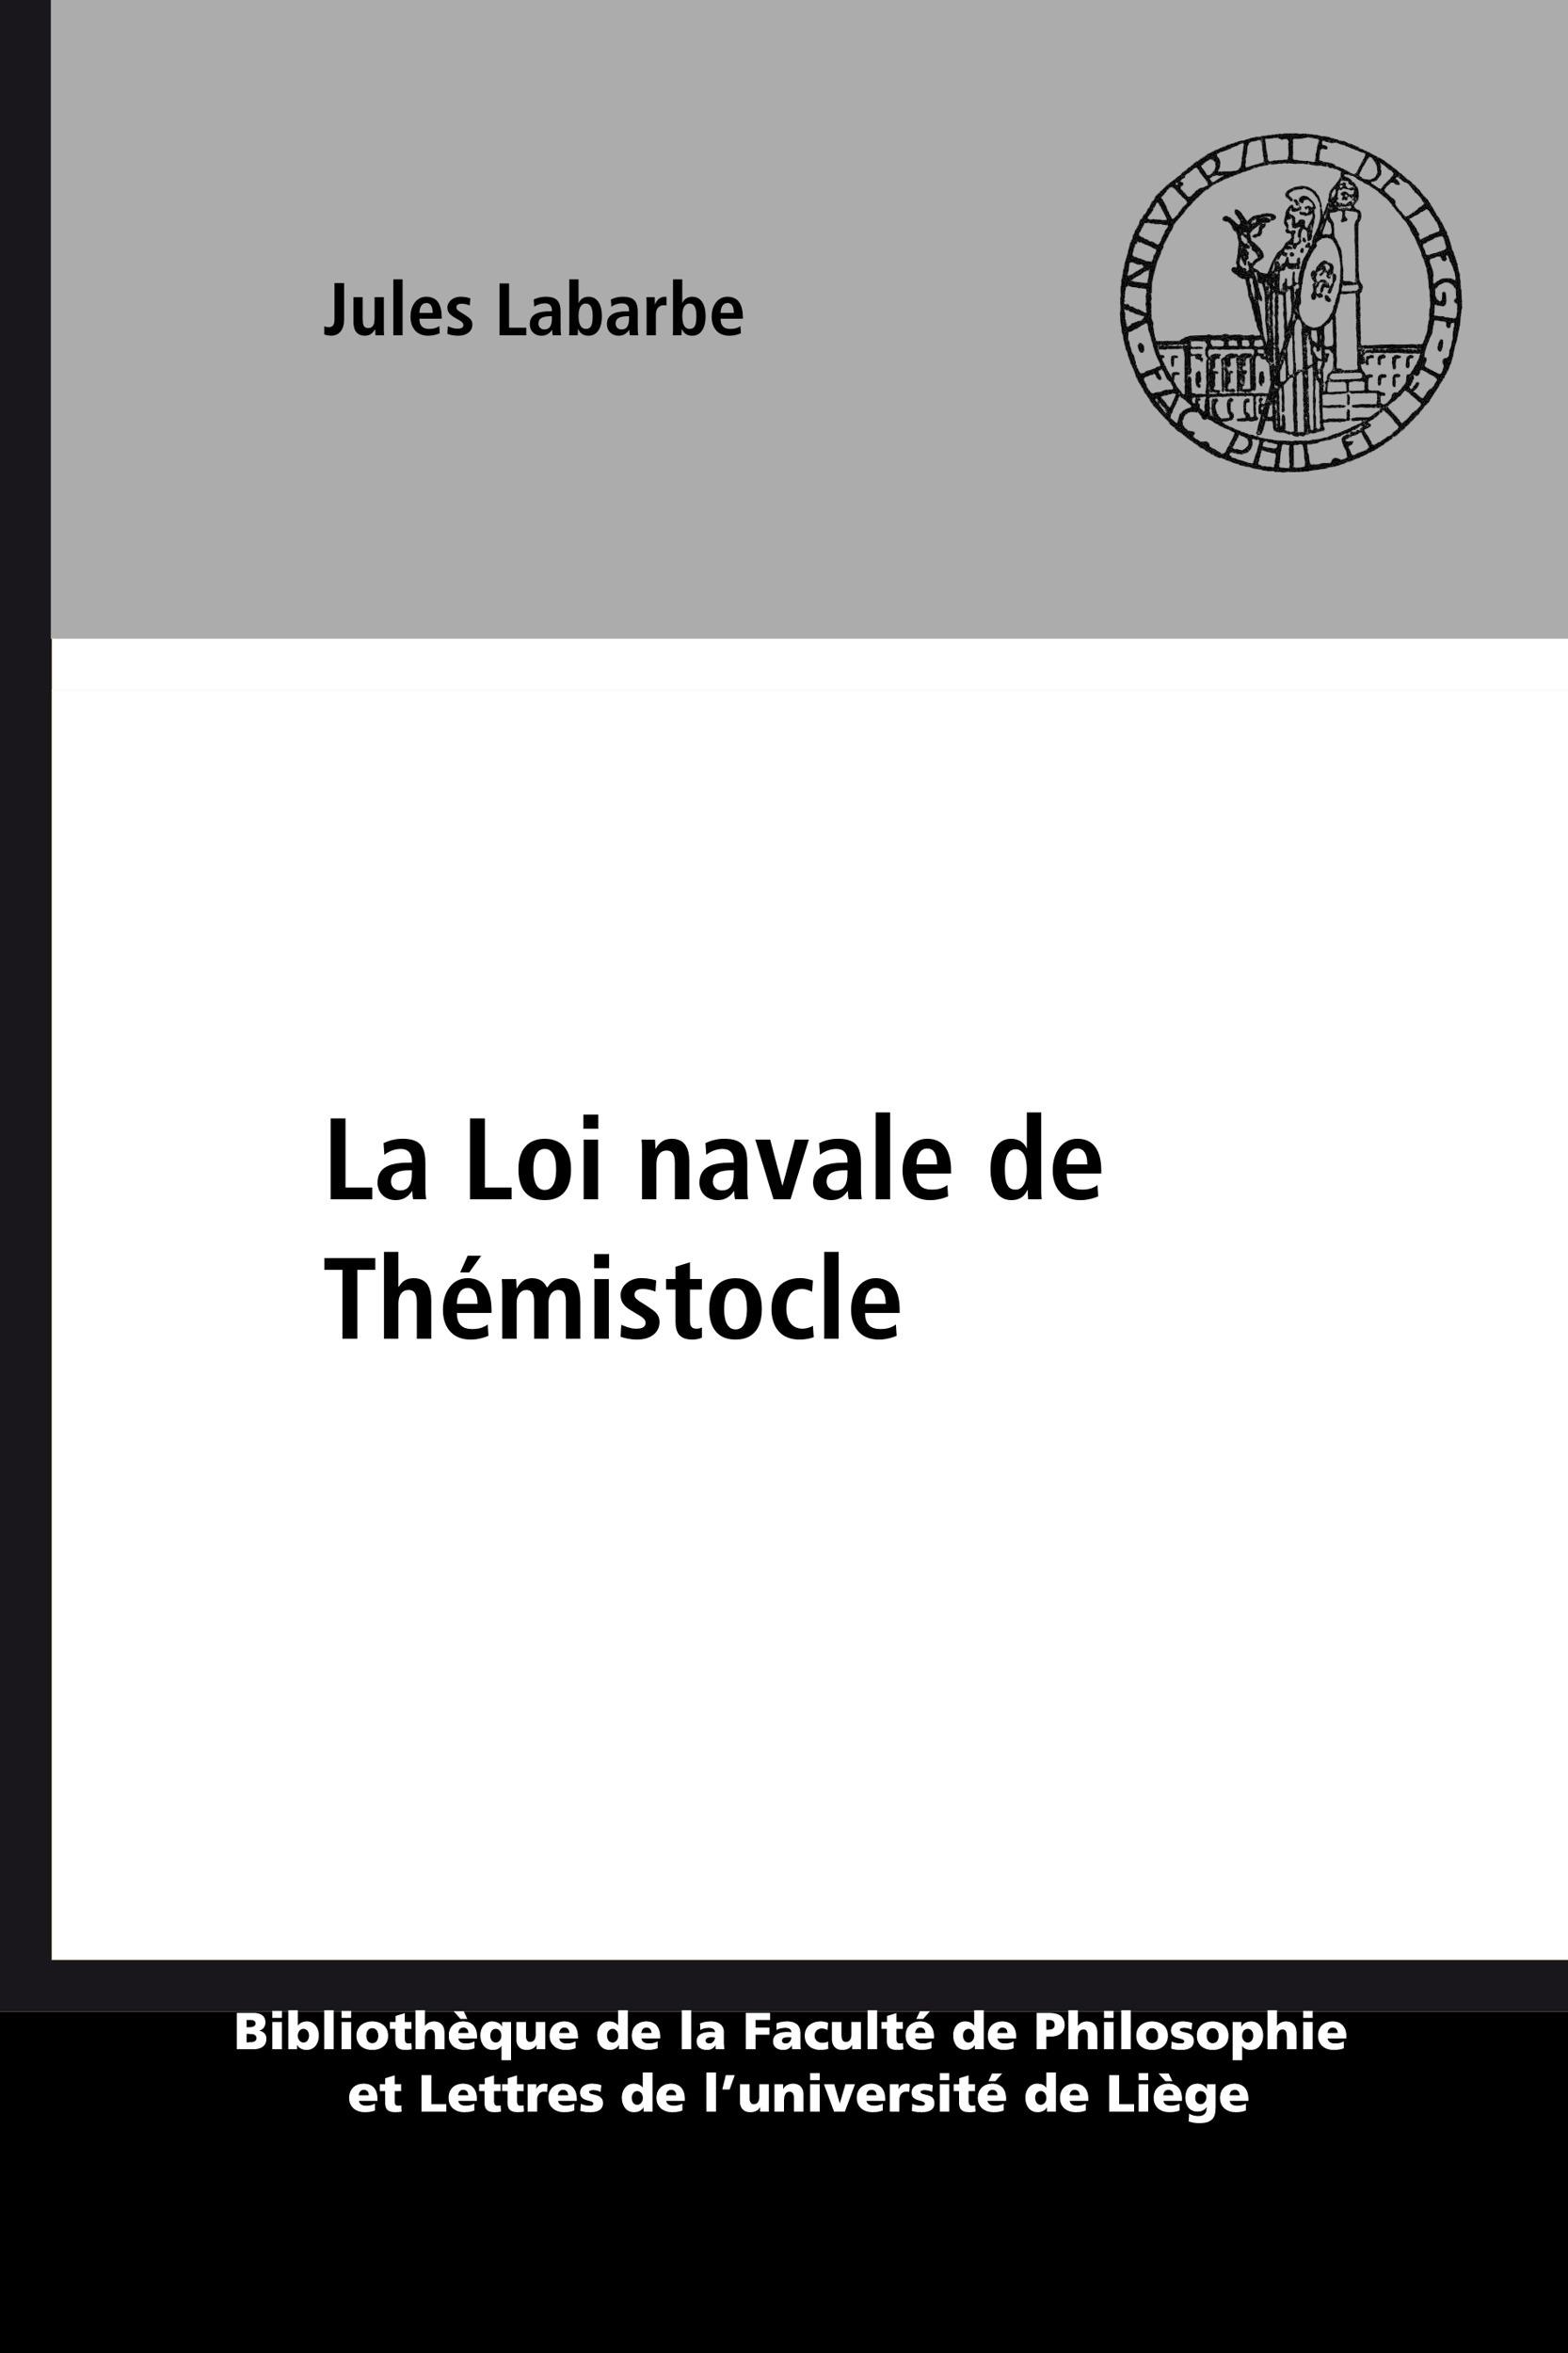 La Loi navale de Thémistocle